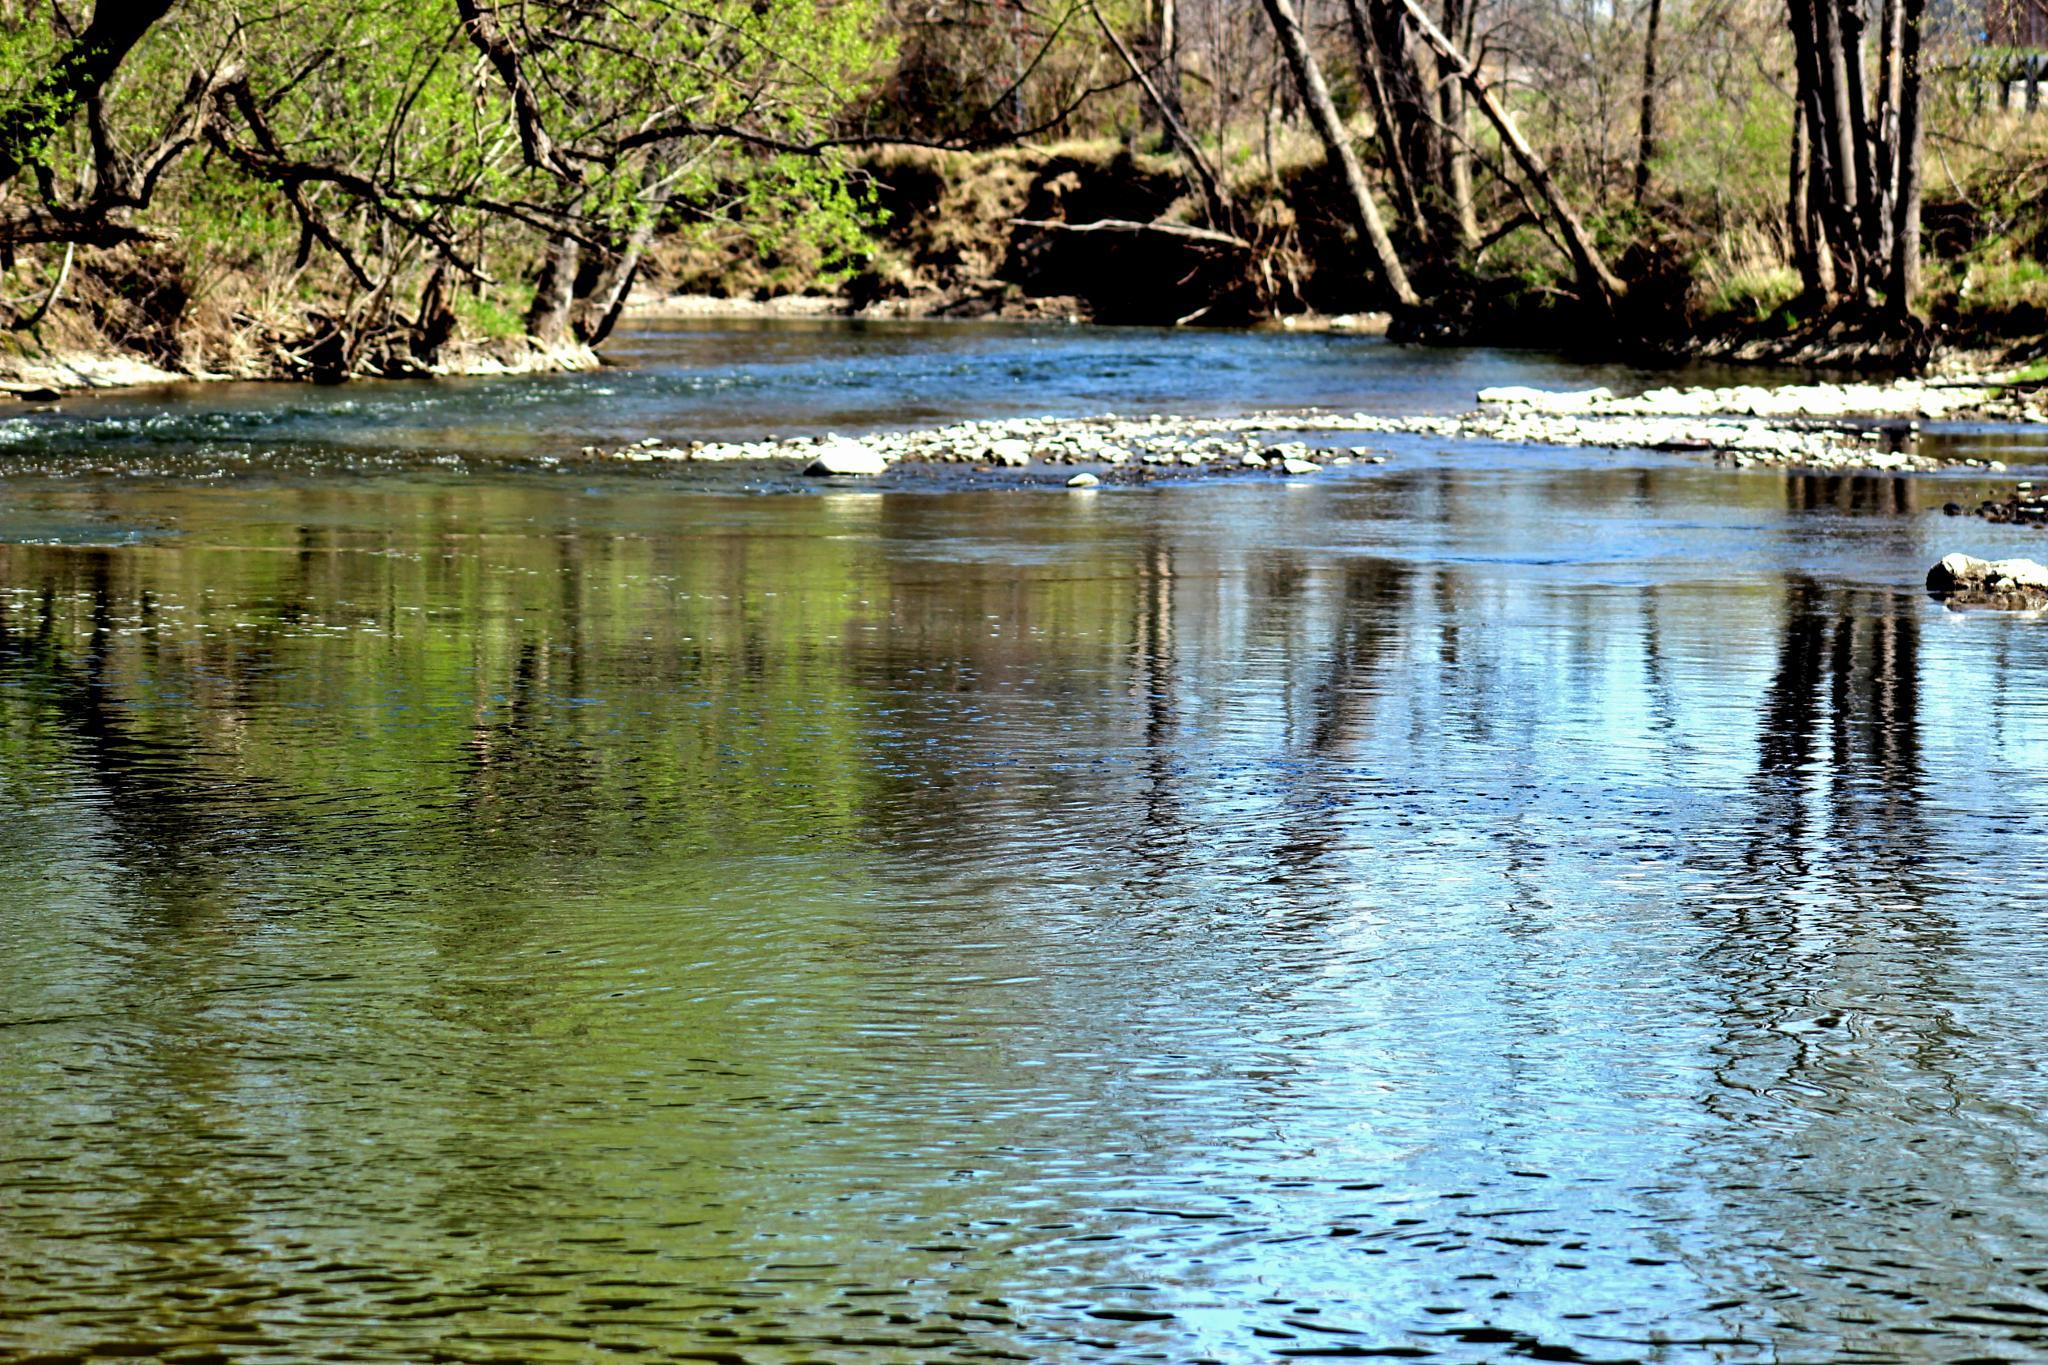 A River Runs Through It by Angela Mead